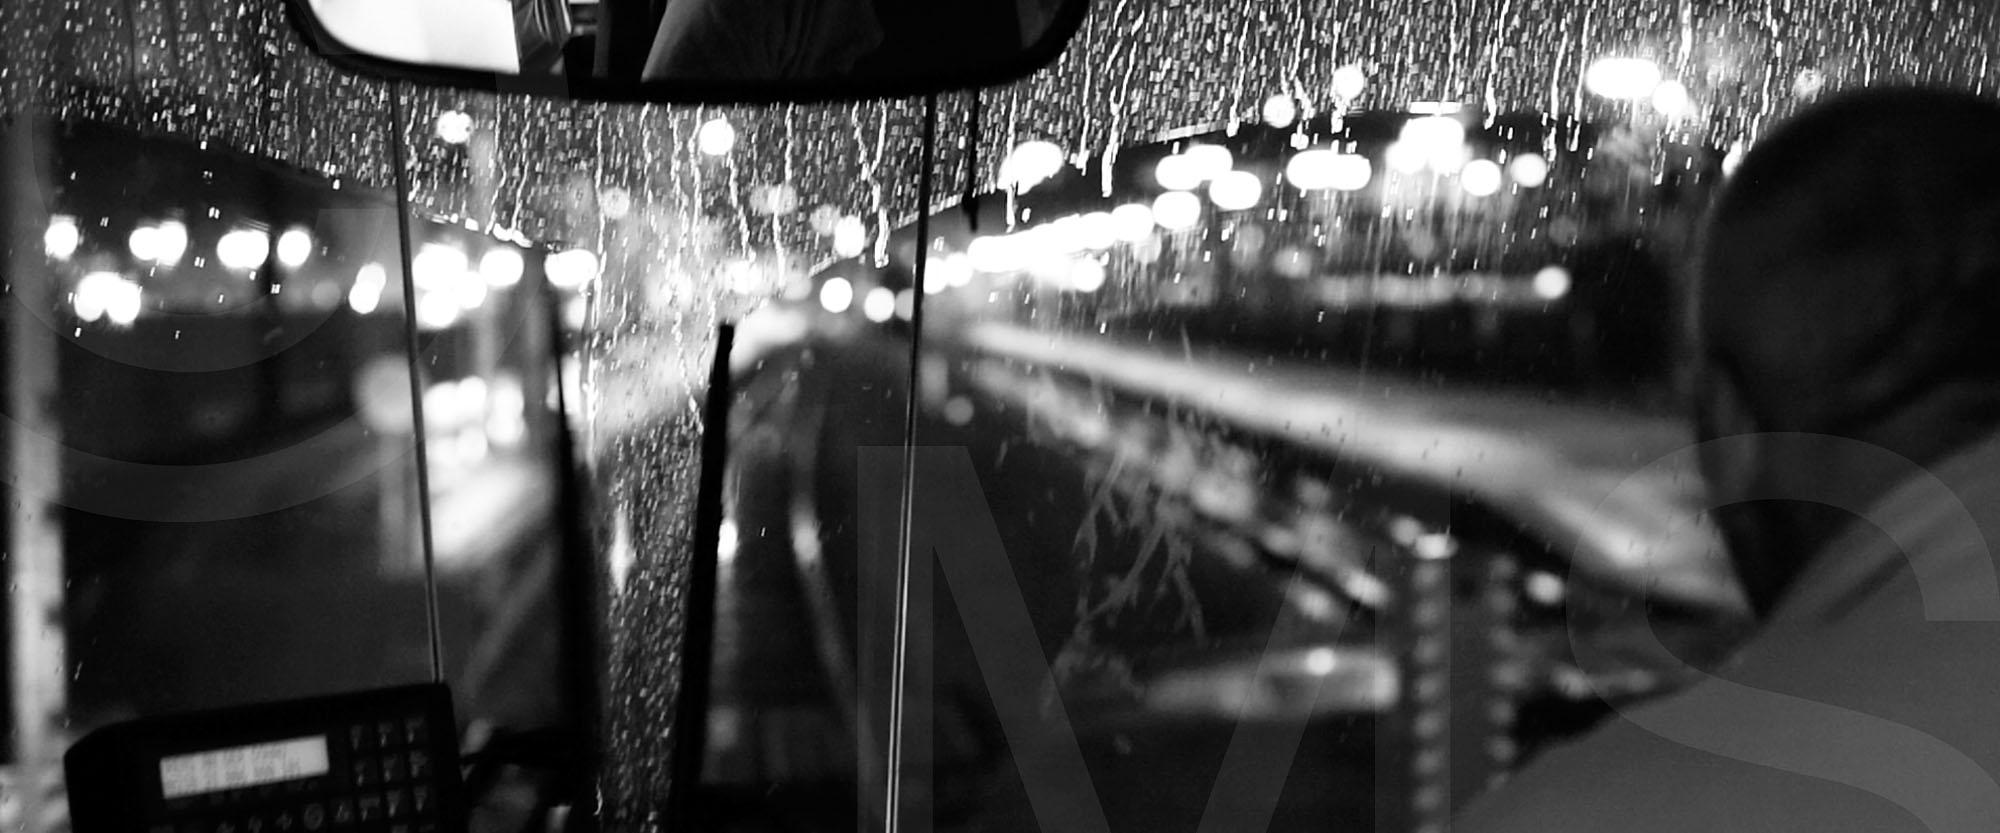 Raintrain 25